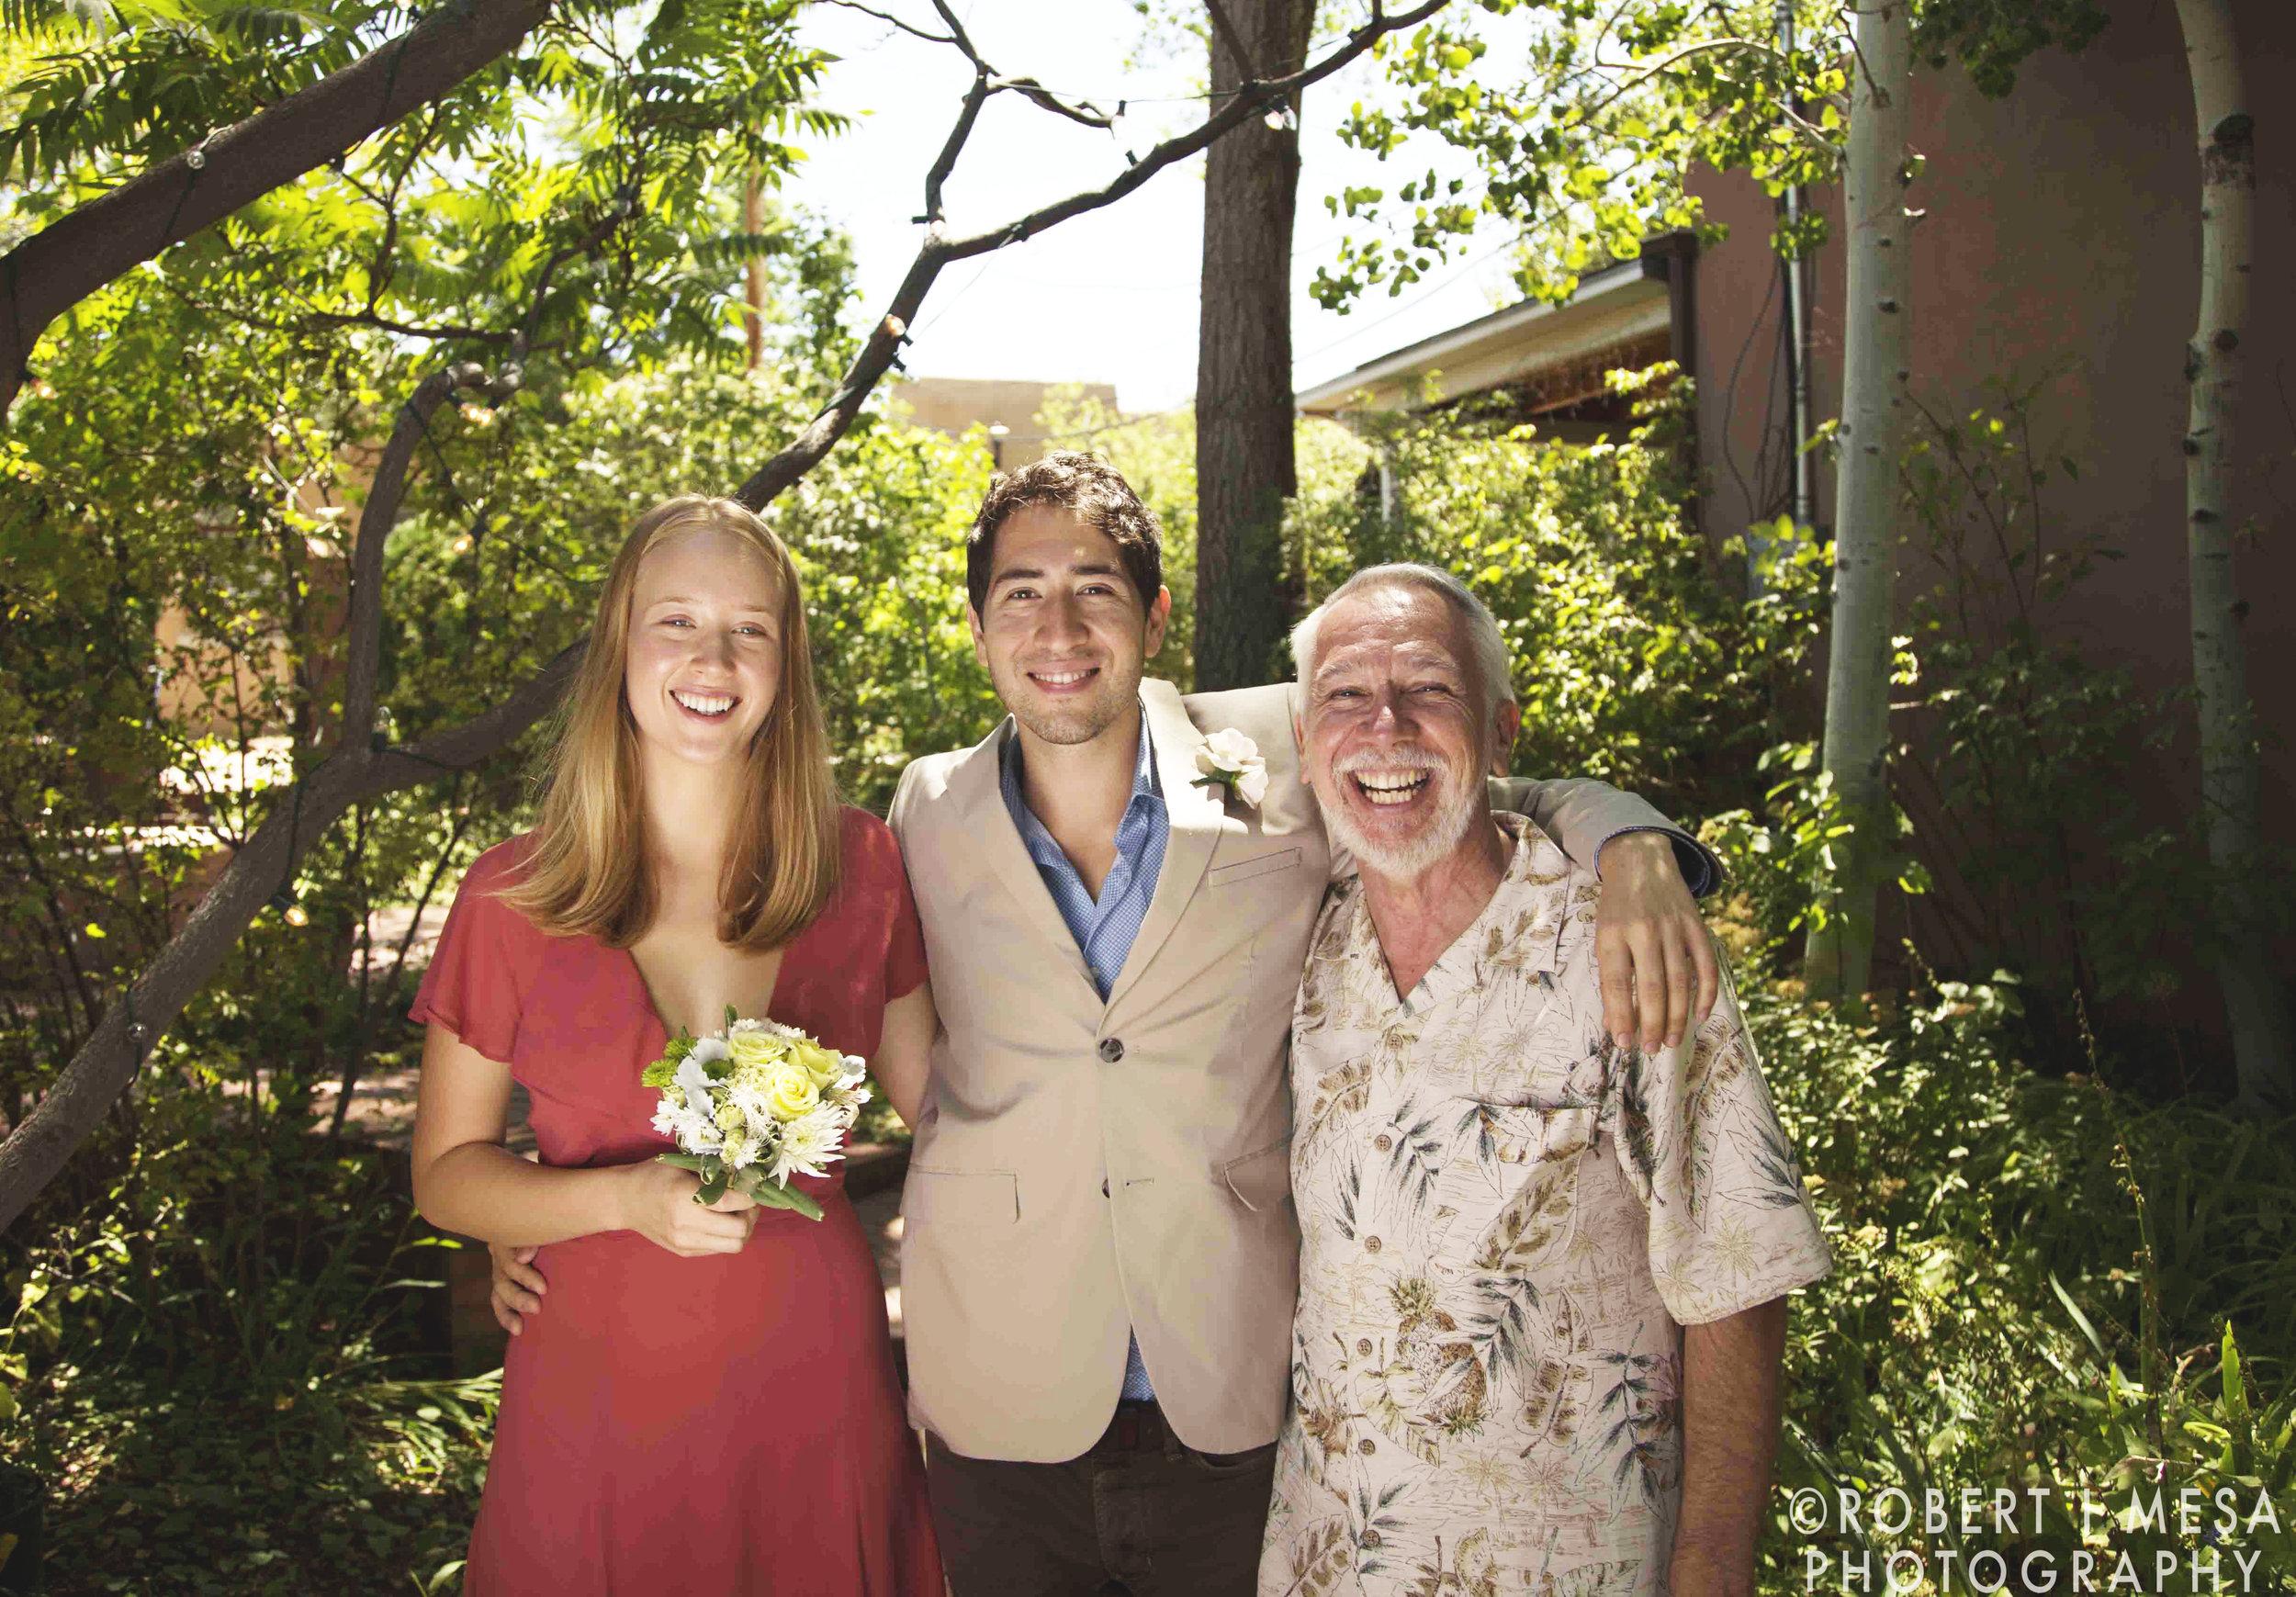 BALWIT_WEDDING-ROBERTIMESA-2015_114 copy.jpg